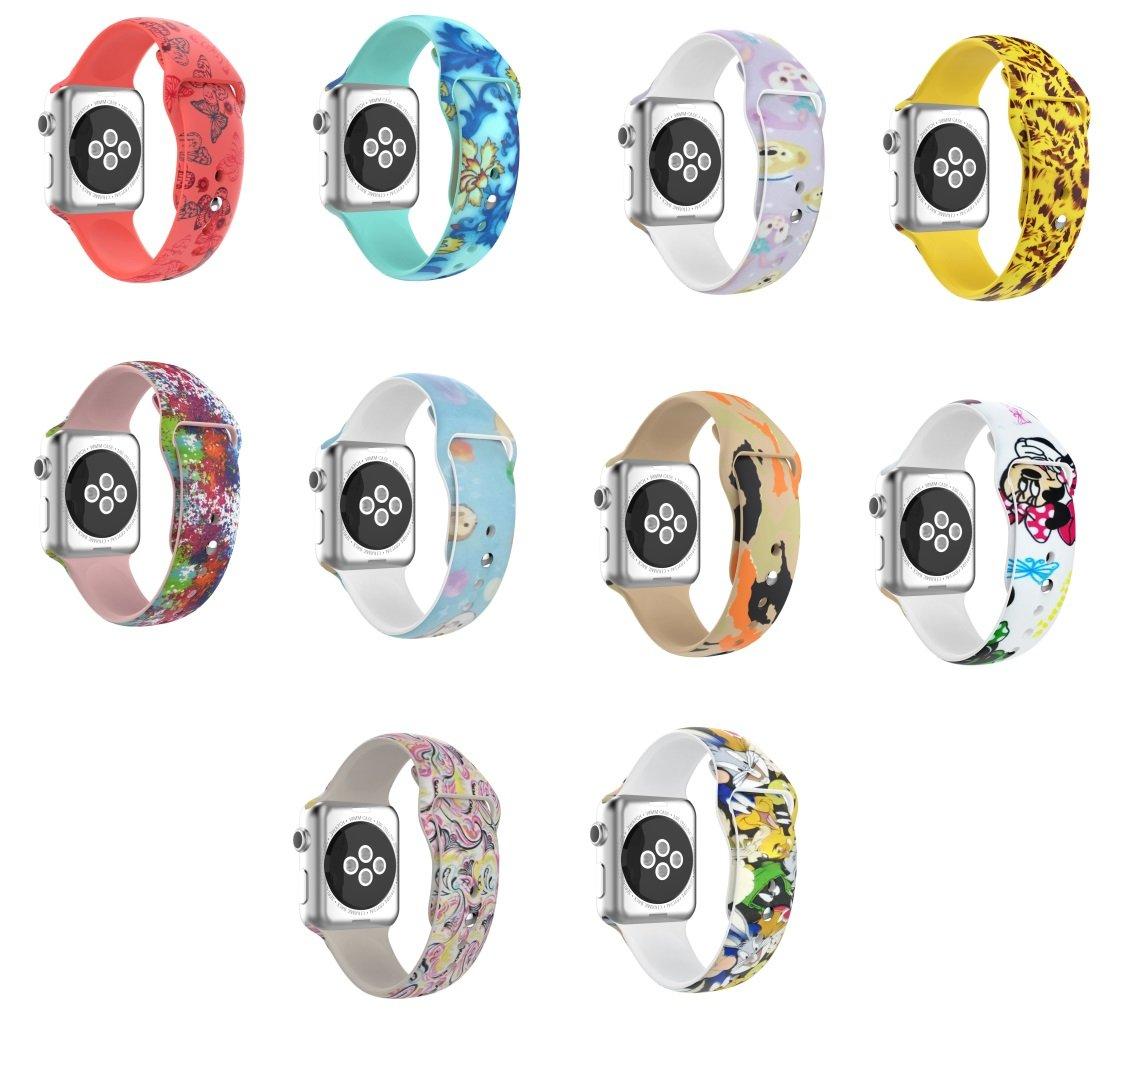 時計ベルトfor Apple Watch、btchoiceシリコンプリント用交換ストラップリストバンドコネクタfor Apple Watchシリーズ1 / 2 / 3  カラー 38mm B078SQCVV7